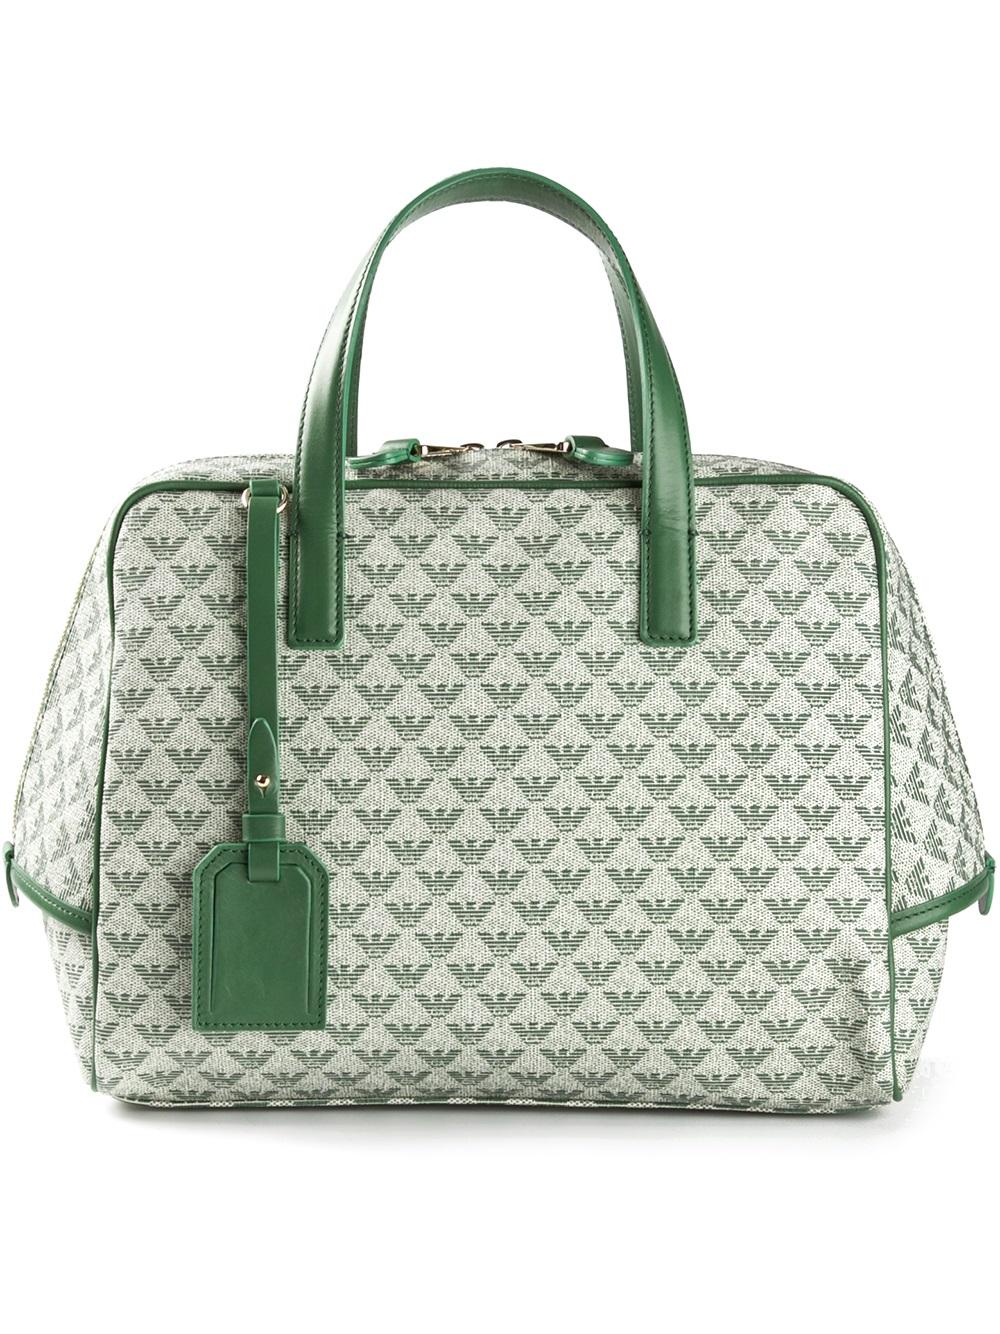 Lyst - Emporio Armani Logo Print Bowling Bag in Green 3a5ba99f4fd44